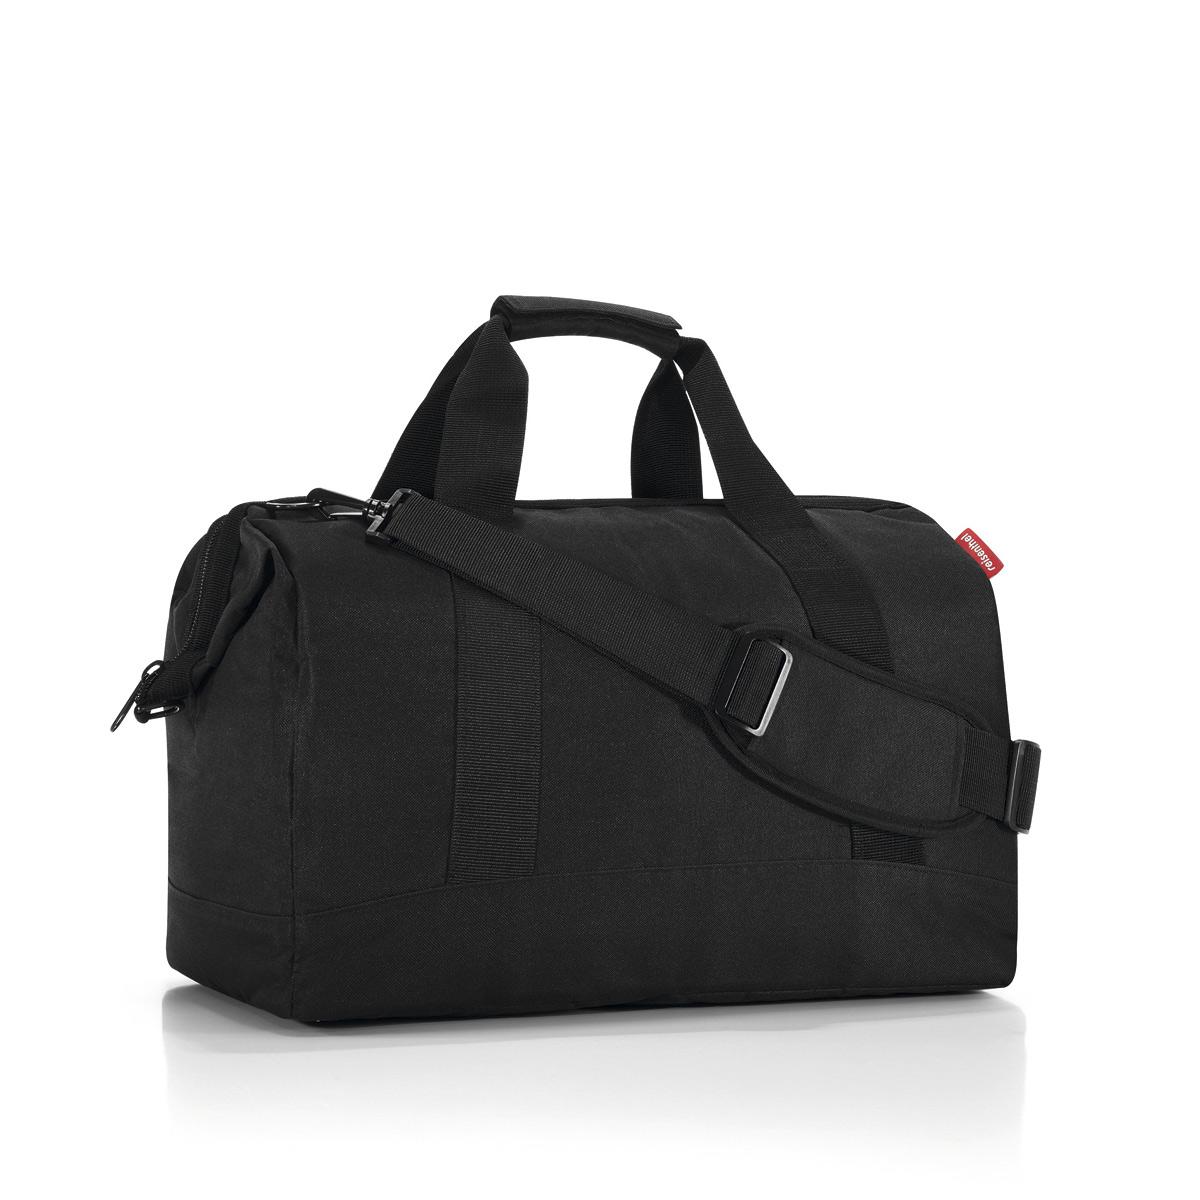 Сумка Reisenthel, цвет: черный. MT7003MT7003Сумка хоть куда - и в путешествие, и в спортзал. Вместит всё, от носков до пиджака. Приятные объемные стенки и дно создают силуэт, напоминающий старинные врачебные сумки. Застегивается на молнию, плюс внутрь встроены металлические скобы, фиксирующие её в открытом состоянии. Внутри 6 кармашков для организации вещей. Две удобные ручки и ремень регулируемой длины позволяют носить сумку так, как вам удобно. Объем - 30 литров.